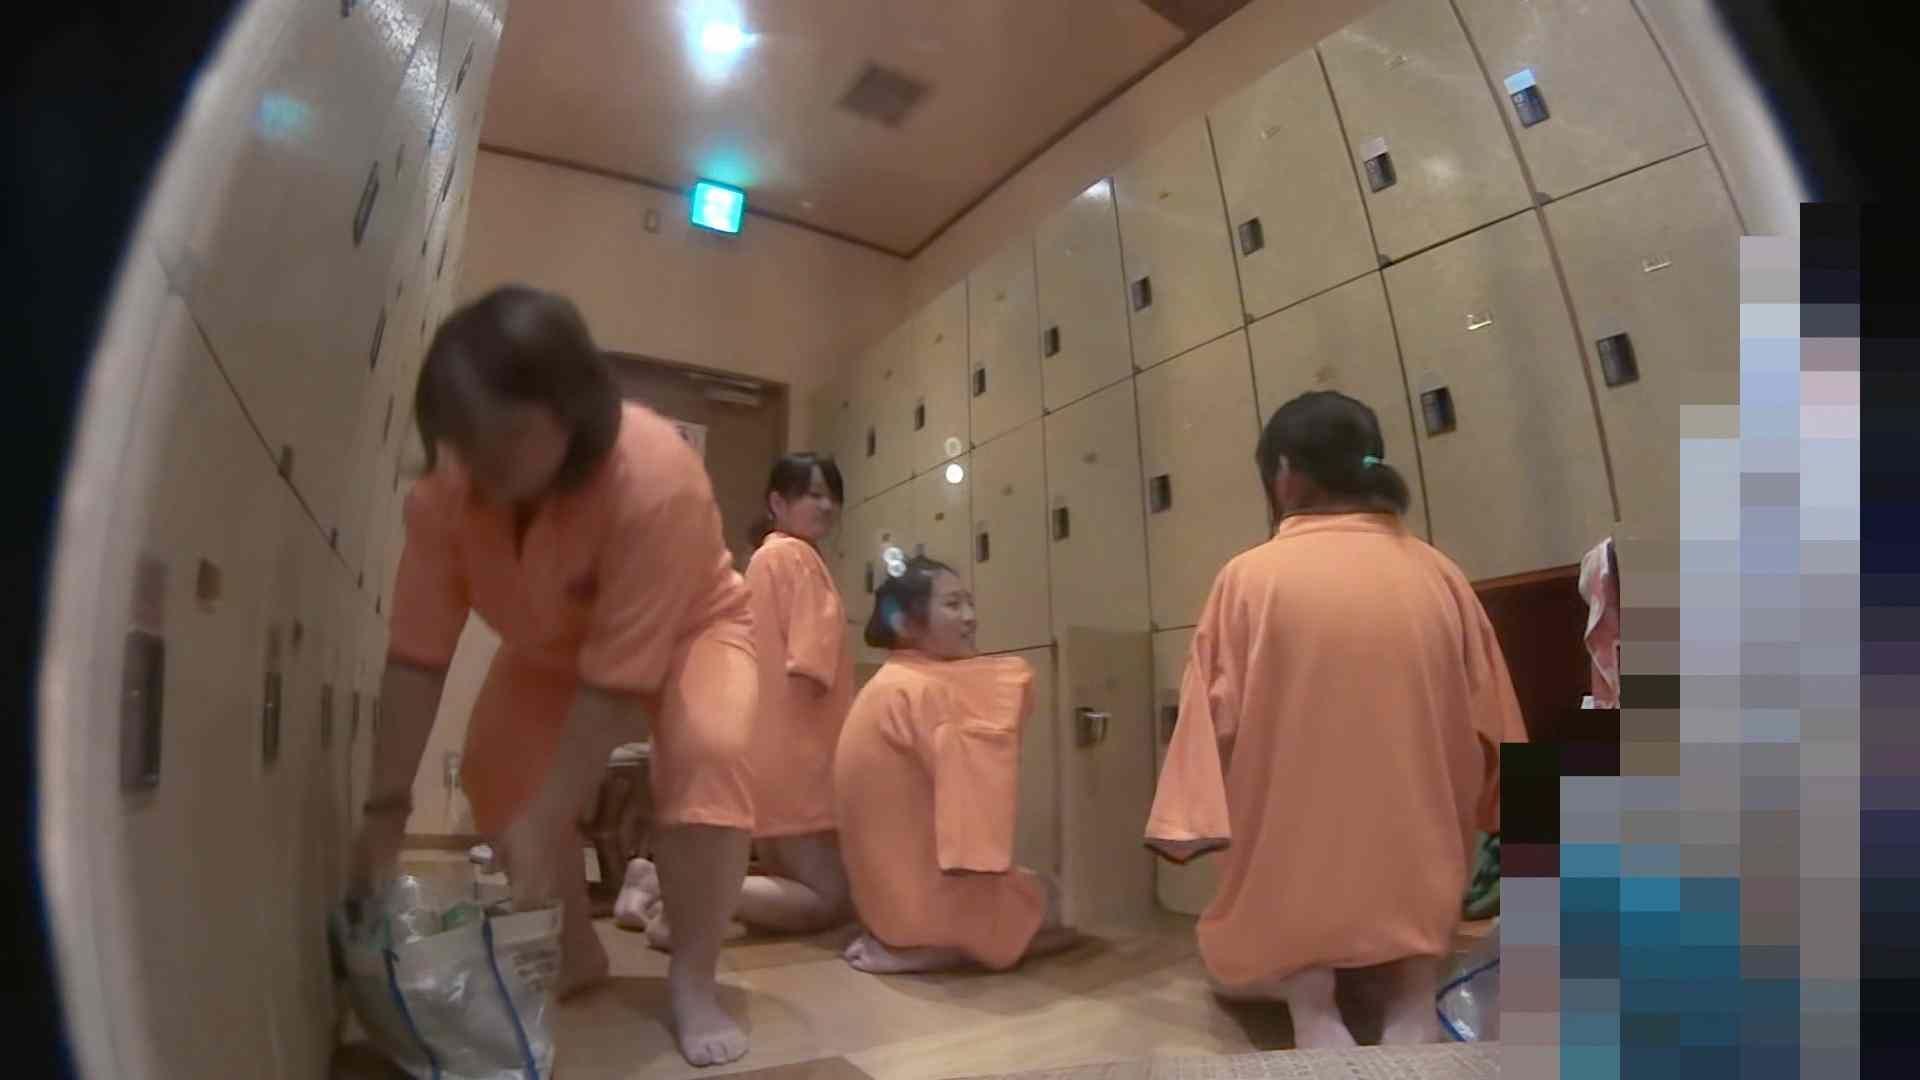 TG.06 「せーの!」で脱ぐ若草仲良し5人組 女湯のぞき  110枚 48